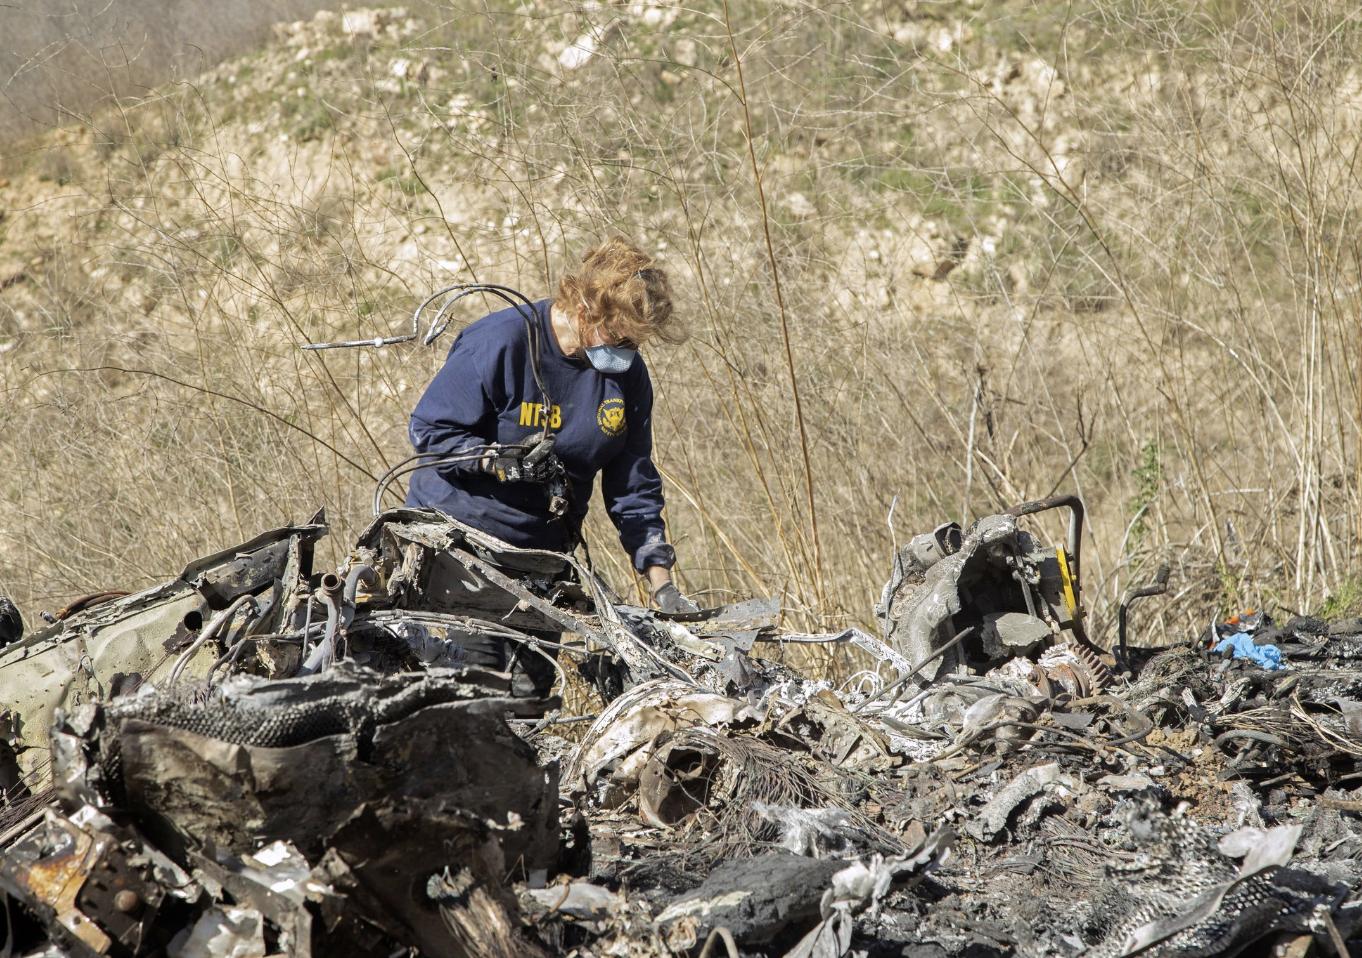 事故直升机所属的公司不具备恶劣条件根据仪表飞行的资质